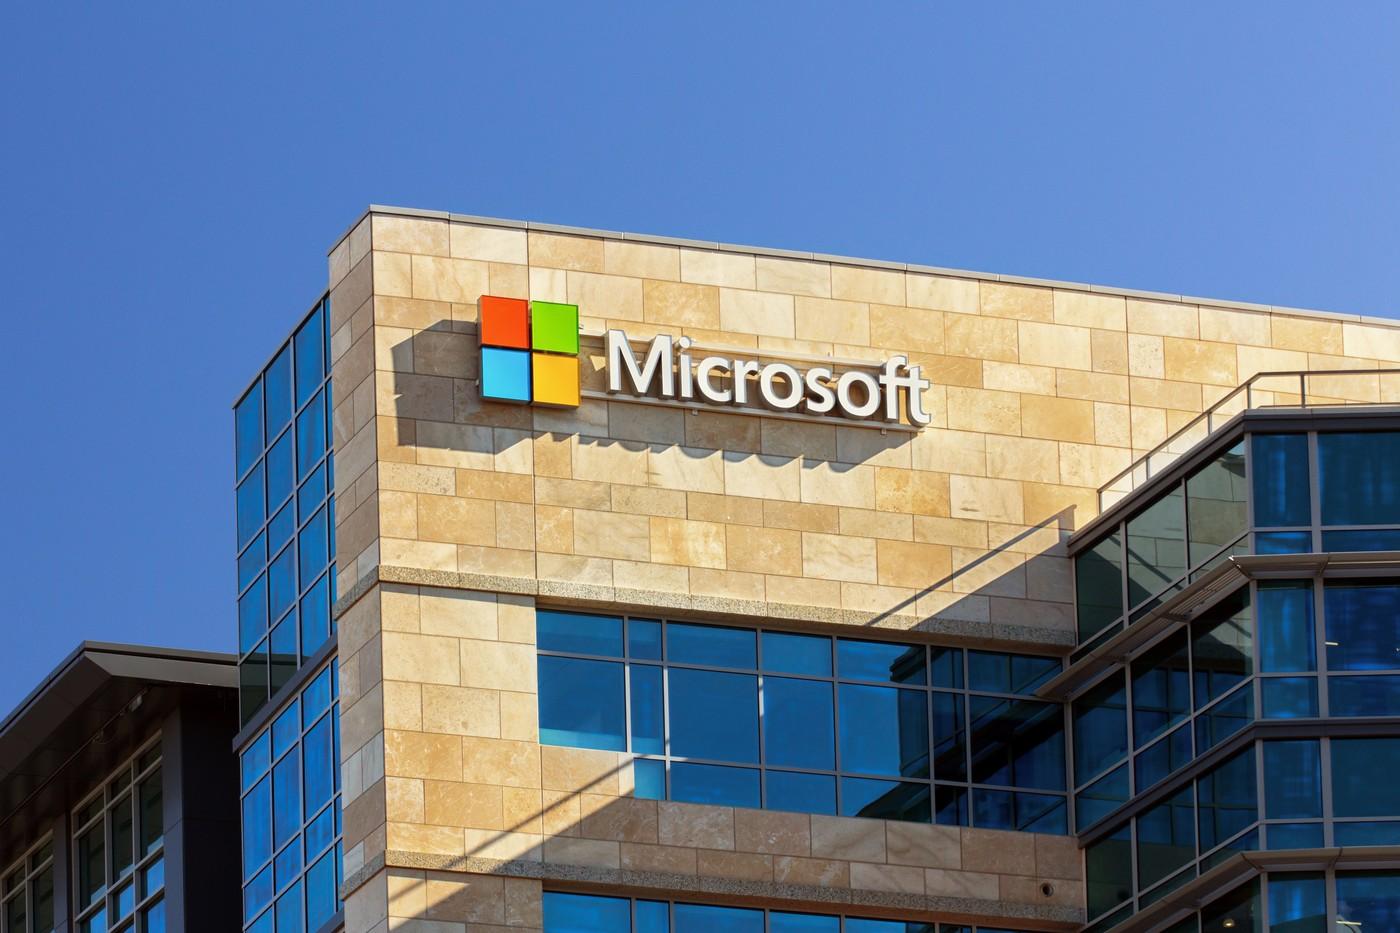 34家科技廠宣布拒絕與政府聯手發動網路攻擊,蘋果、Google和亞馬遜不在其中